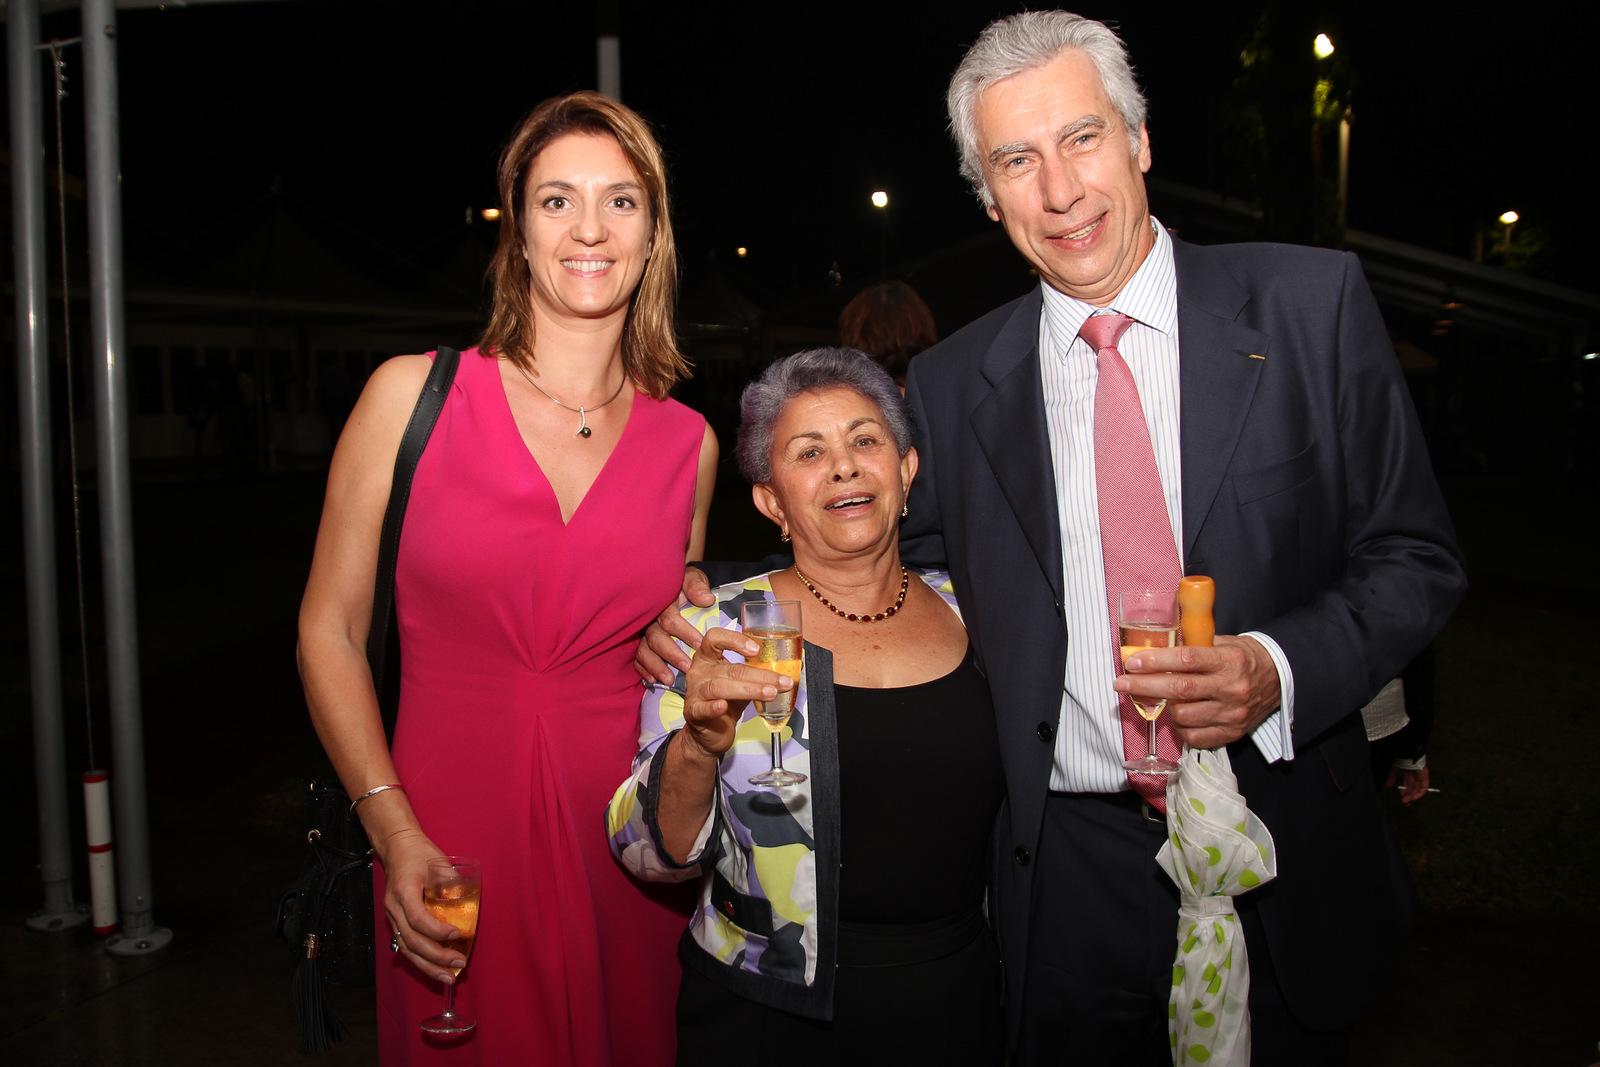 Bernard veber et son épouse aux côtés de Justine Edmond